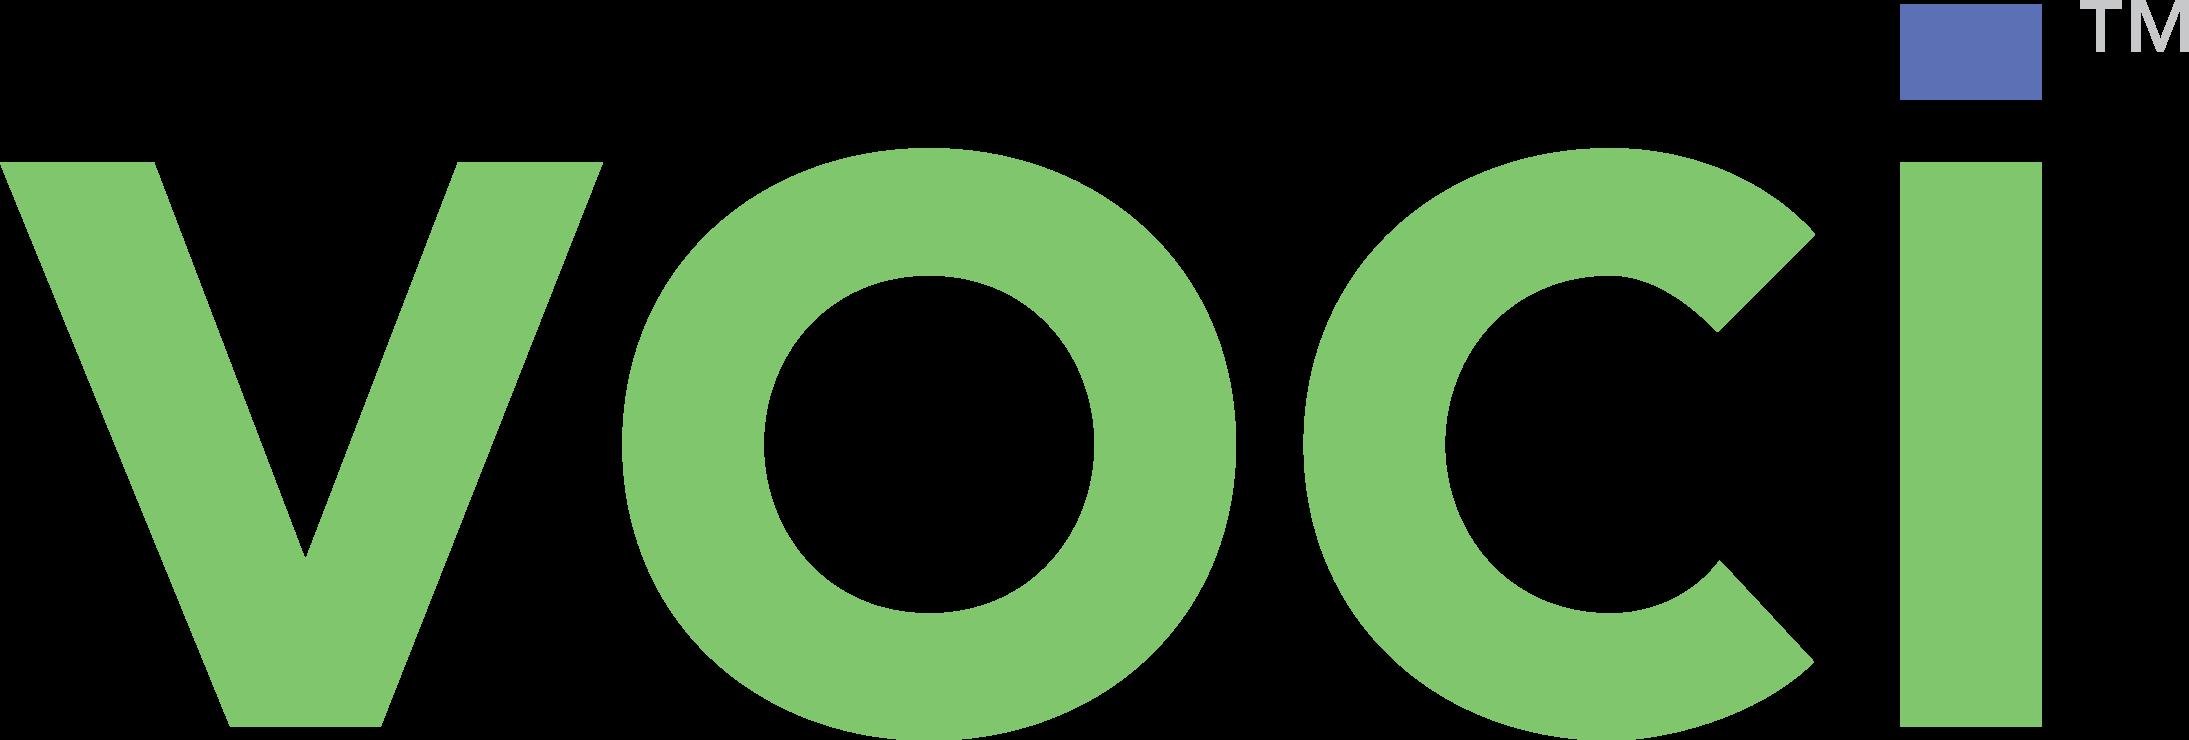 voci logo